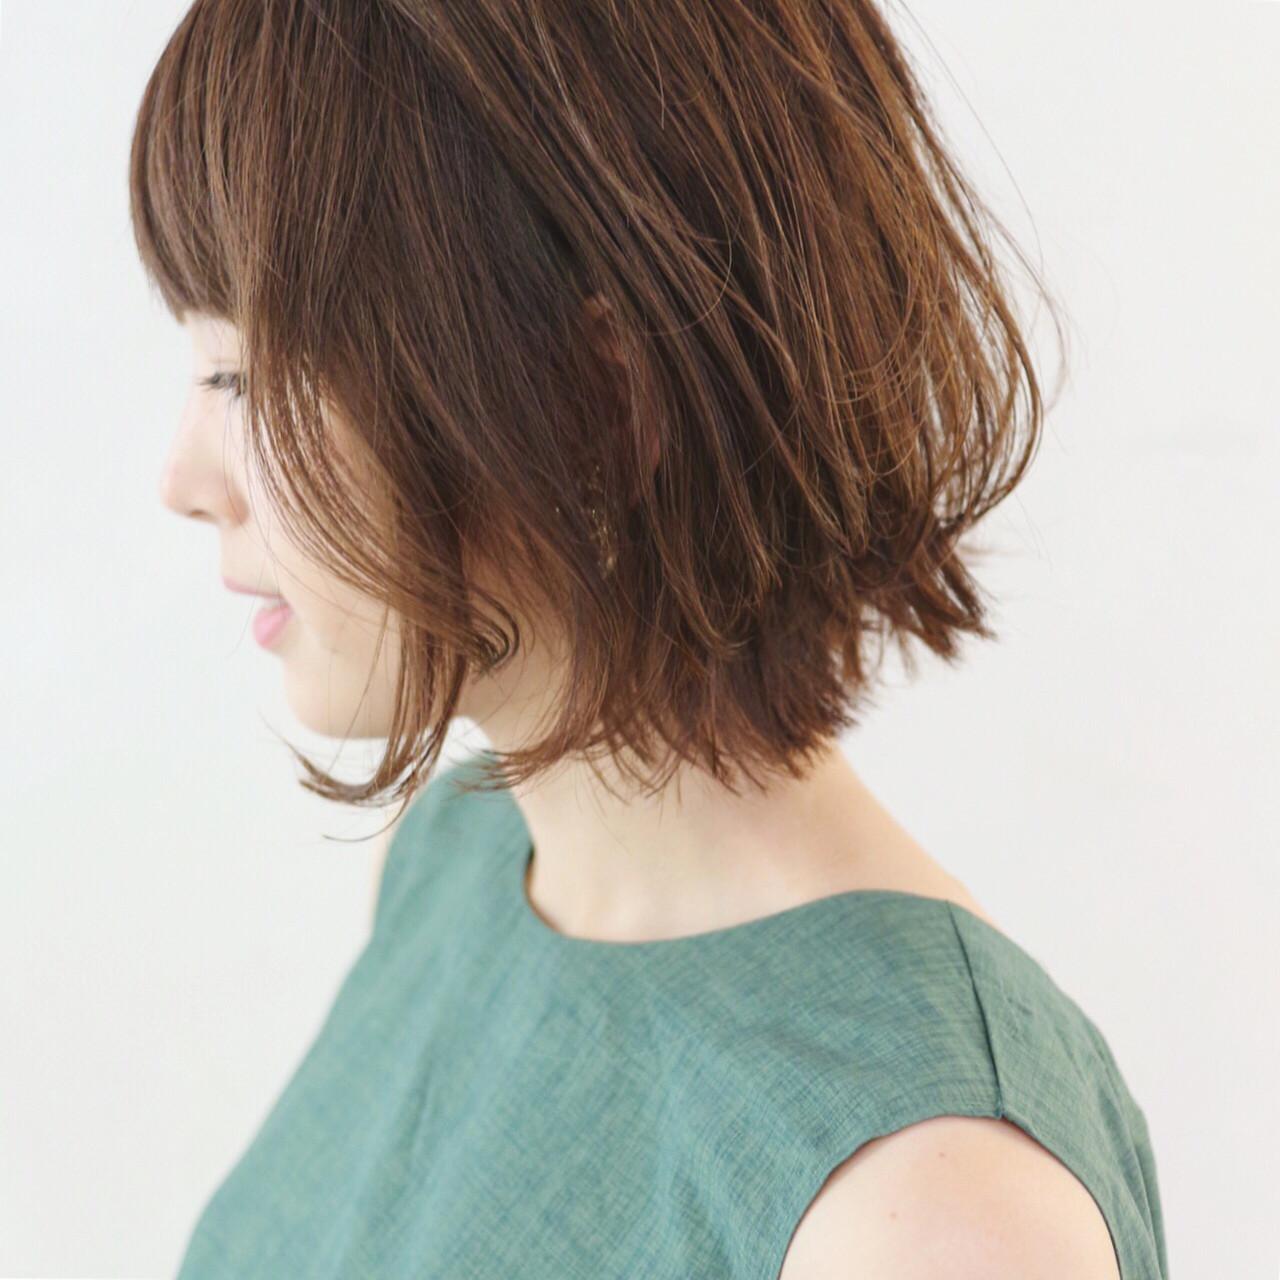 ニュアンスパーマ パーマ デート グレージュ ヘアスタイルや髪型の写真・画像 | 三好 佳奈美 / Baco.(バコ)